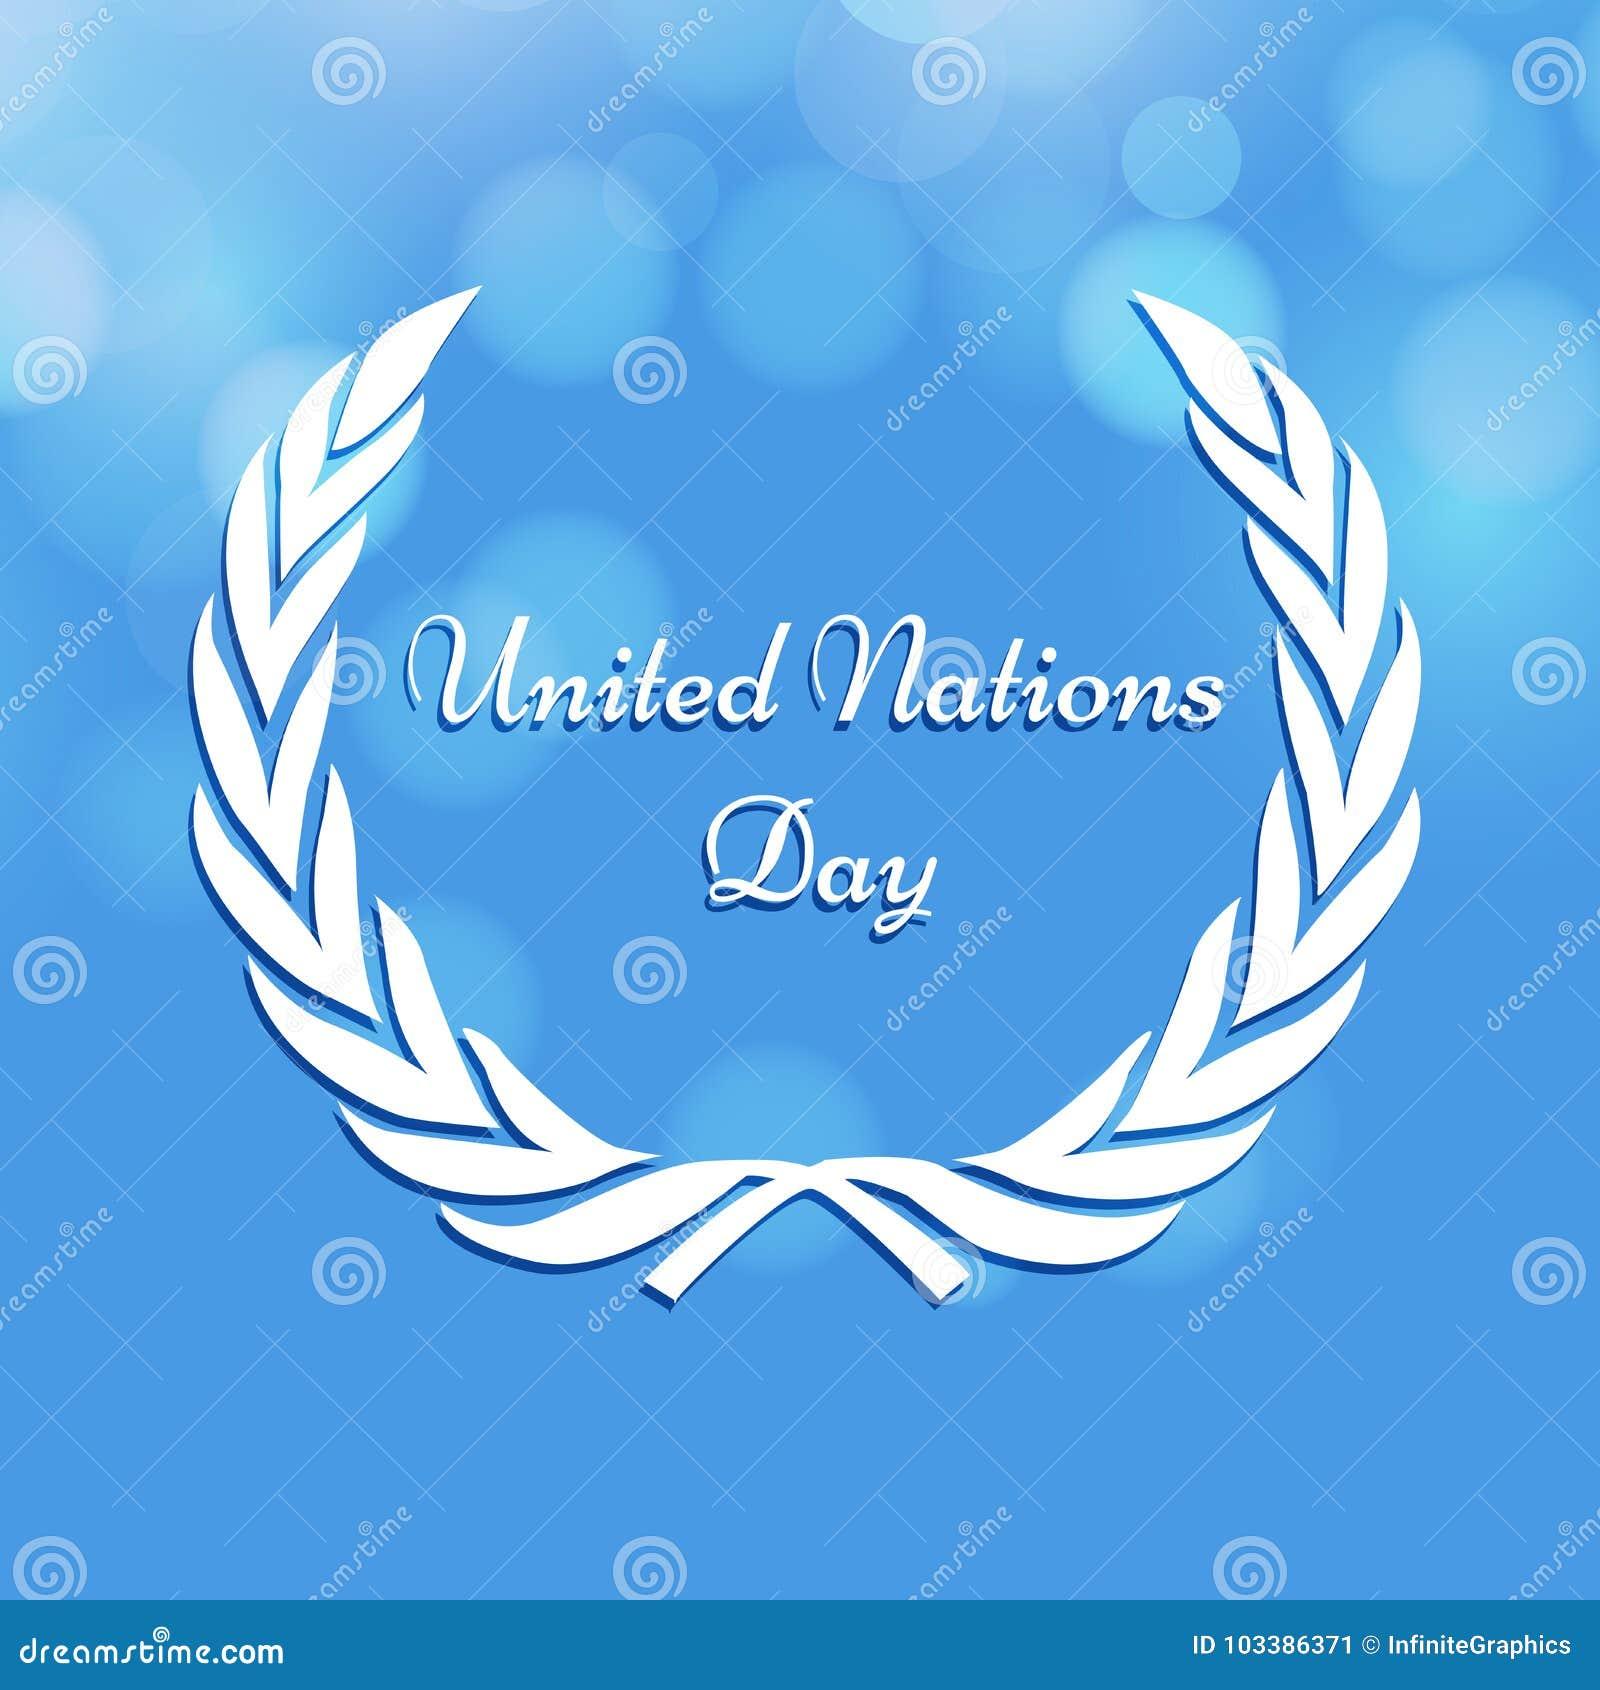 Illustration des Hintergrundes der Vereinten Nationen Tages